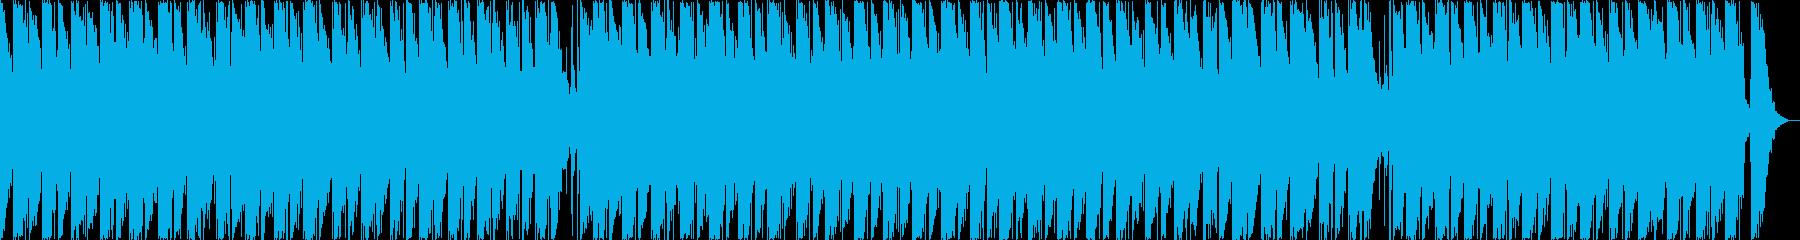 夜空を眺めてリラックスするスローテンポ曲の再生済みの波形